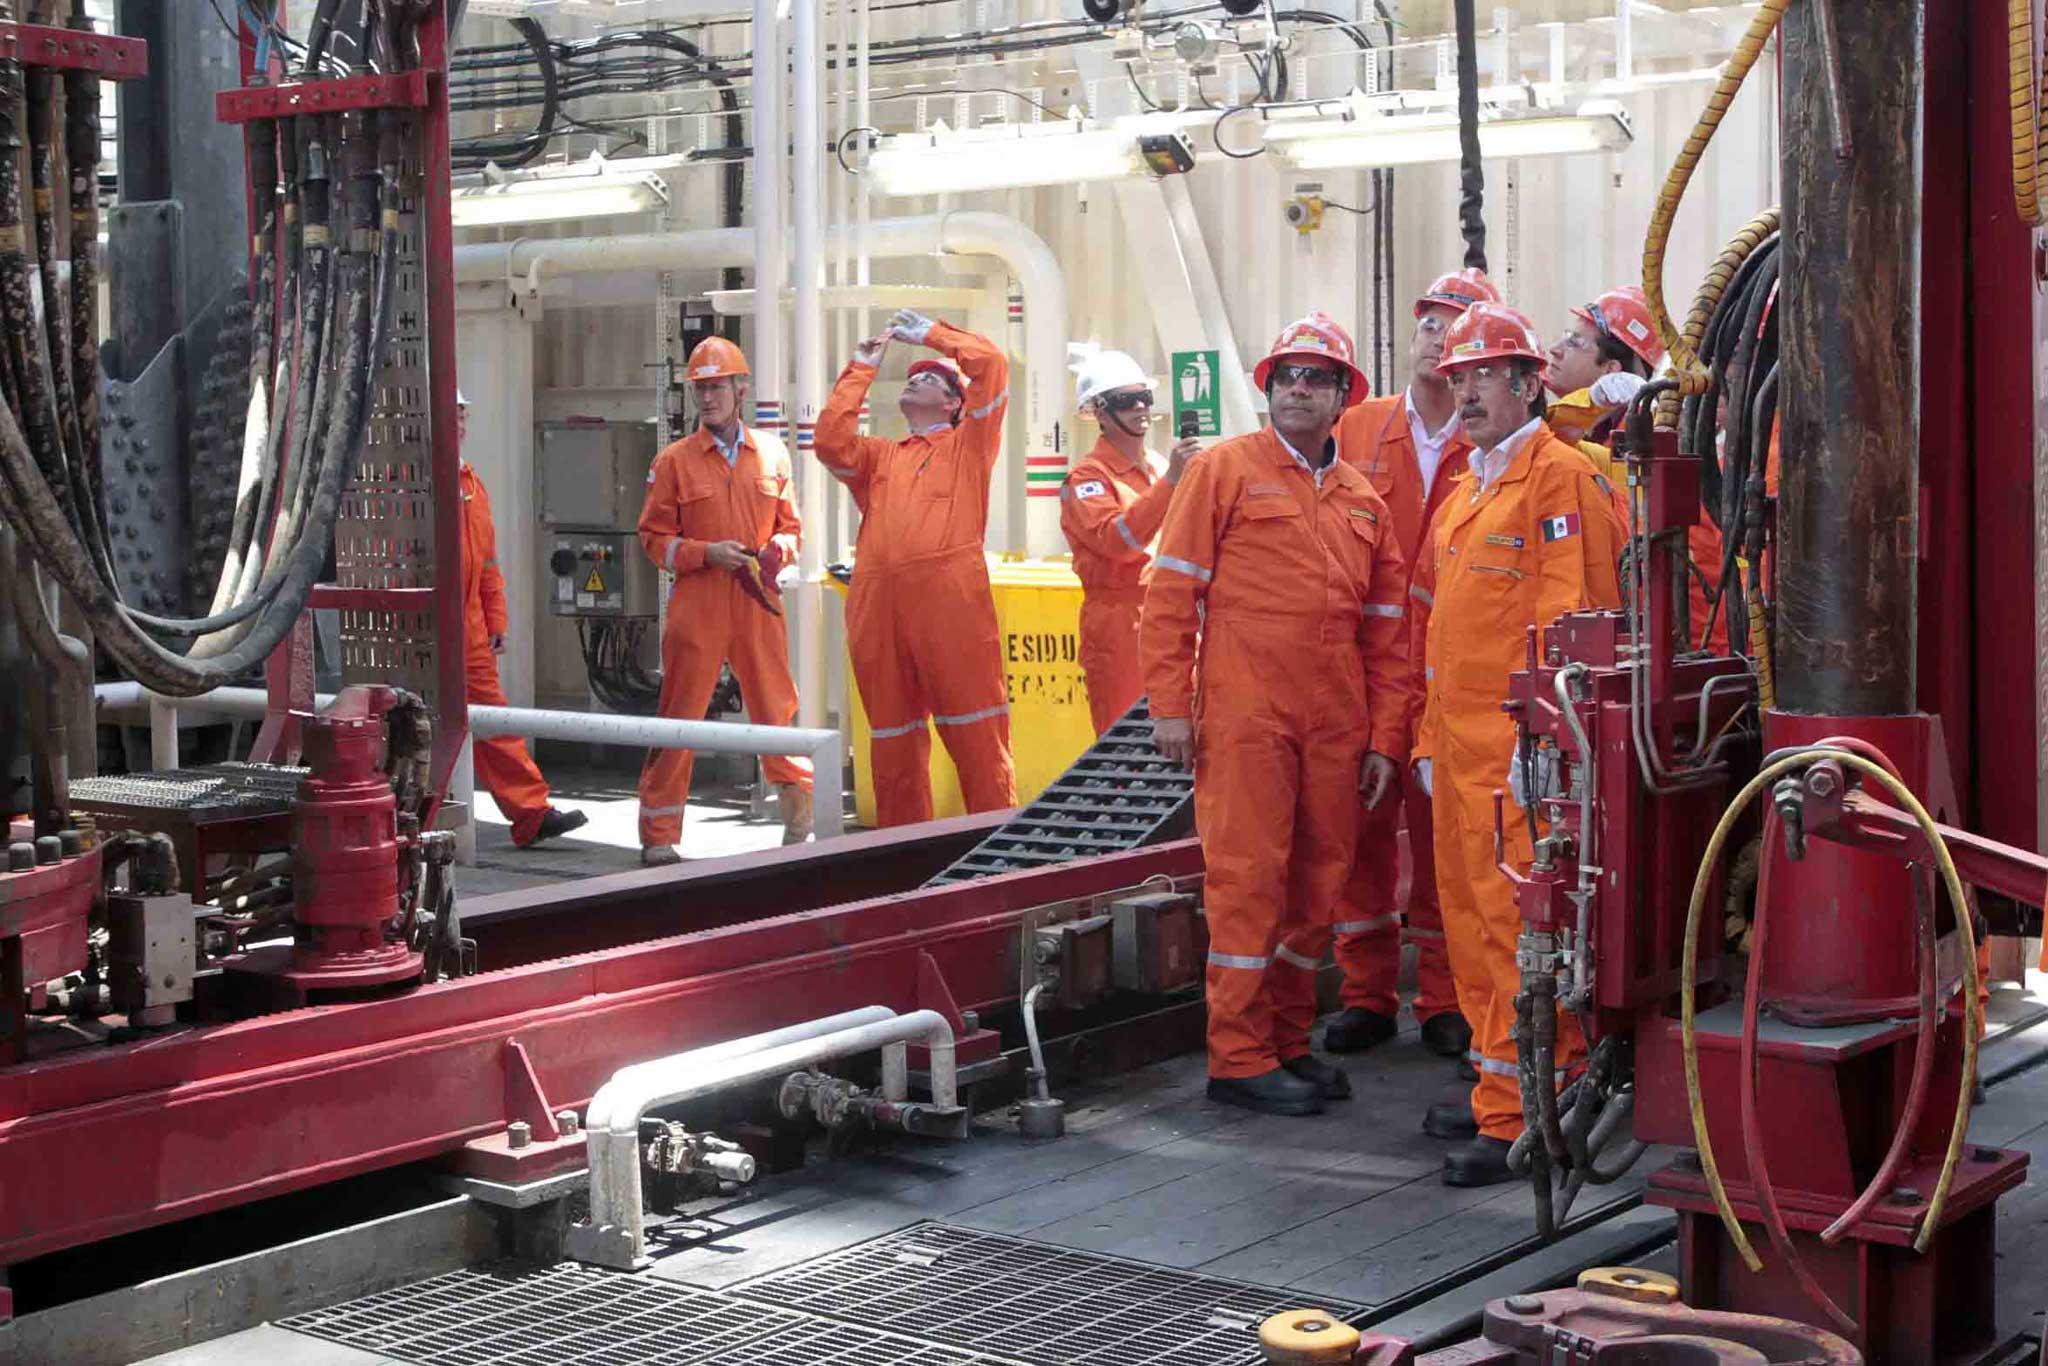 El 10% de los trabajadores en activo de PEMEX para 2015 se jubilaron antes de que la reforma energética surtiera efecto.